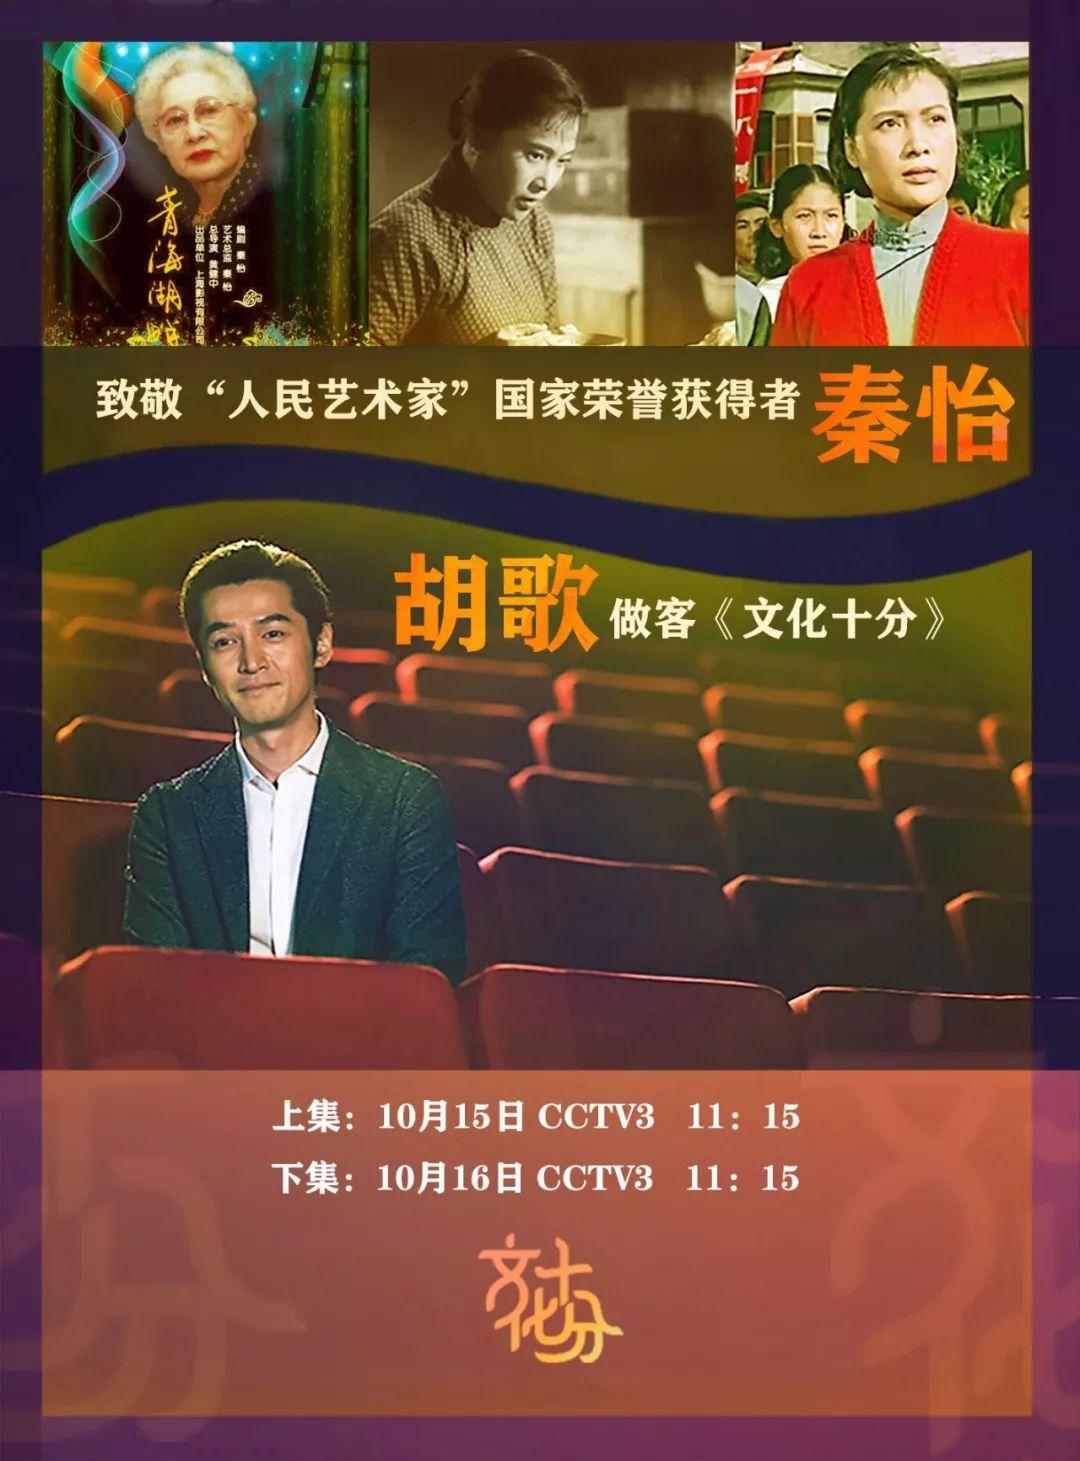 http://www.weixinrensheng.com/baguajing/879160.html